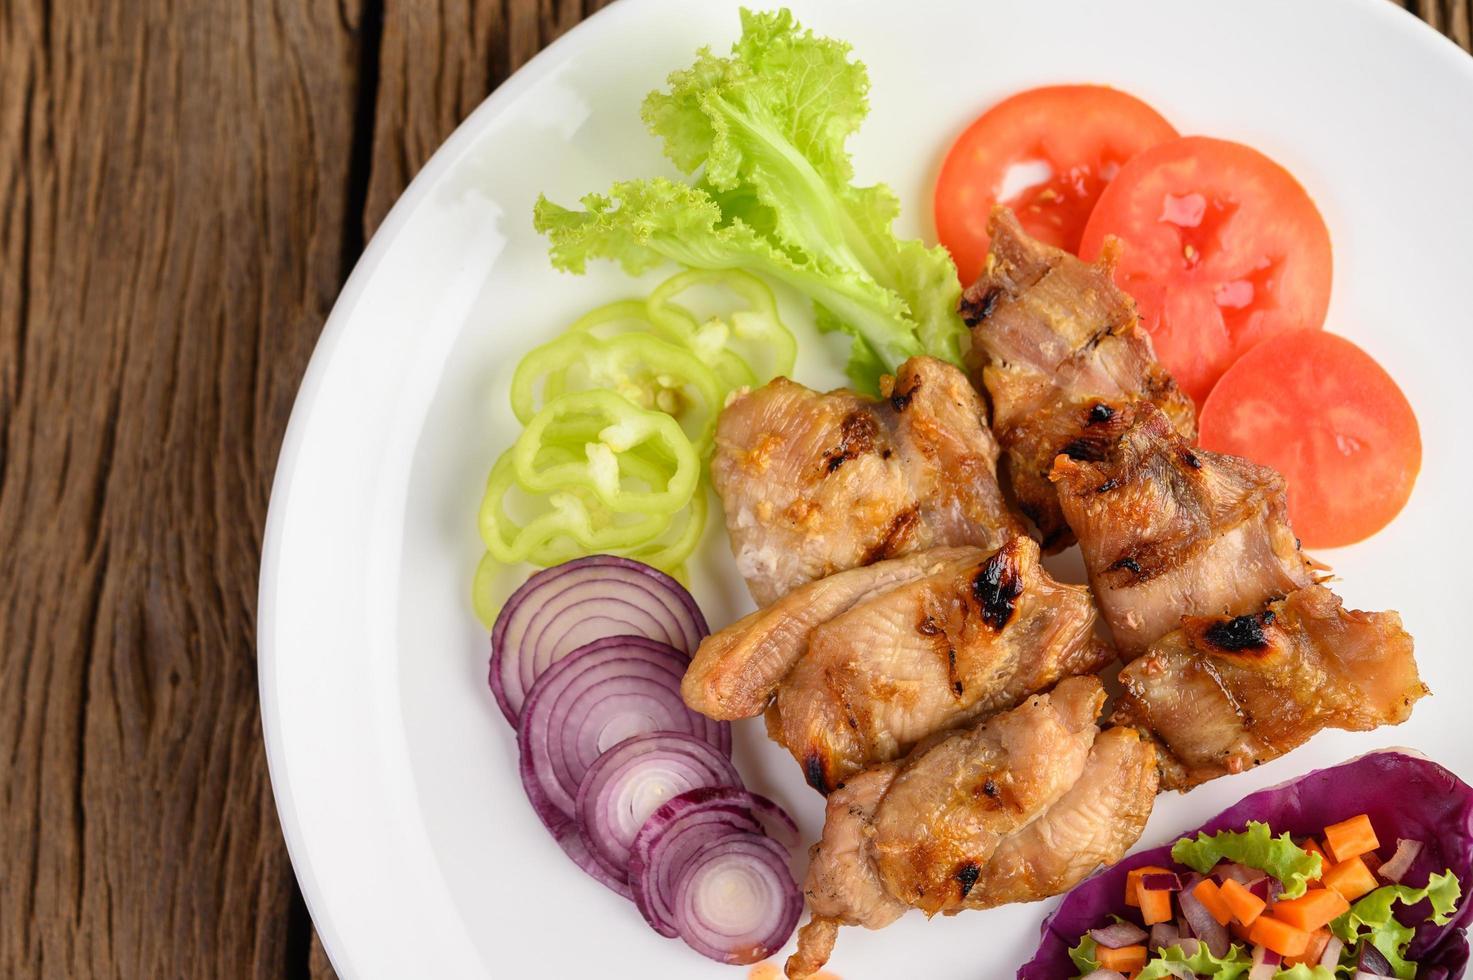 skivad grillad kyckling med sallad foto